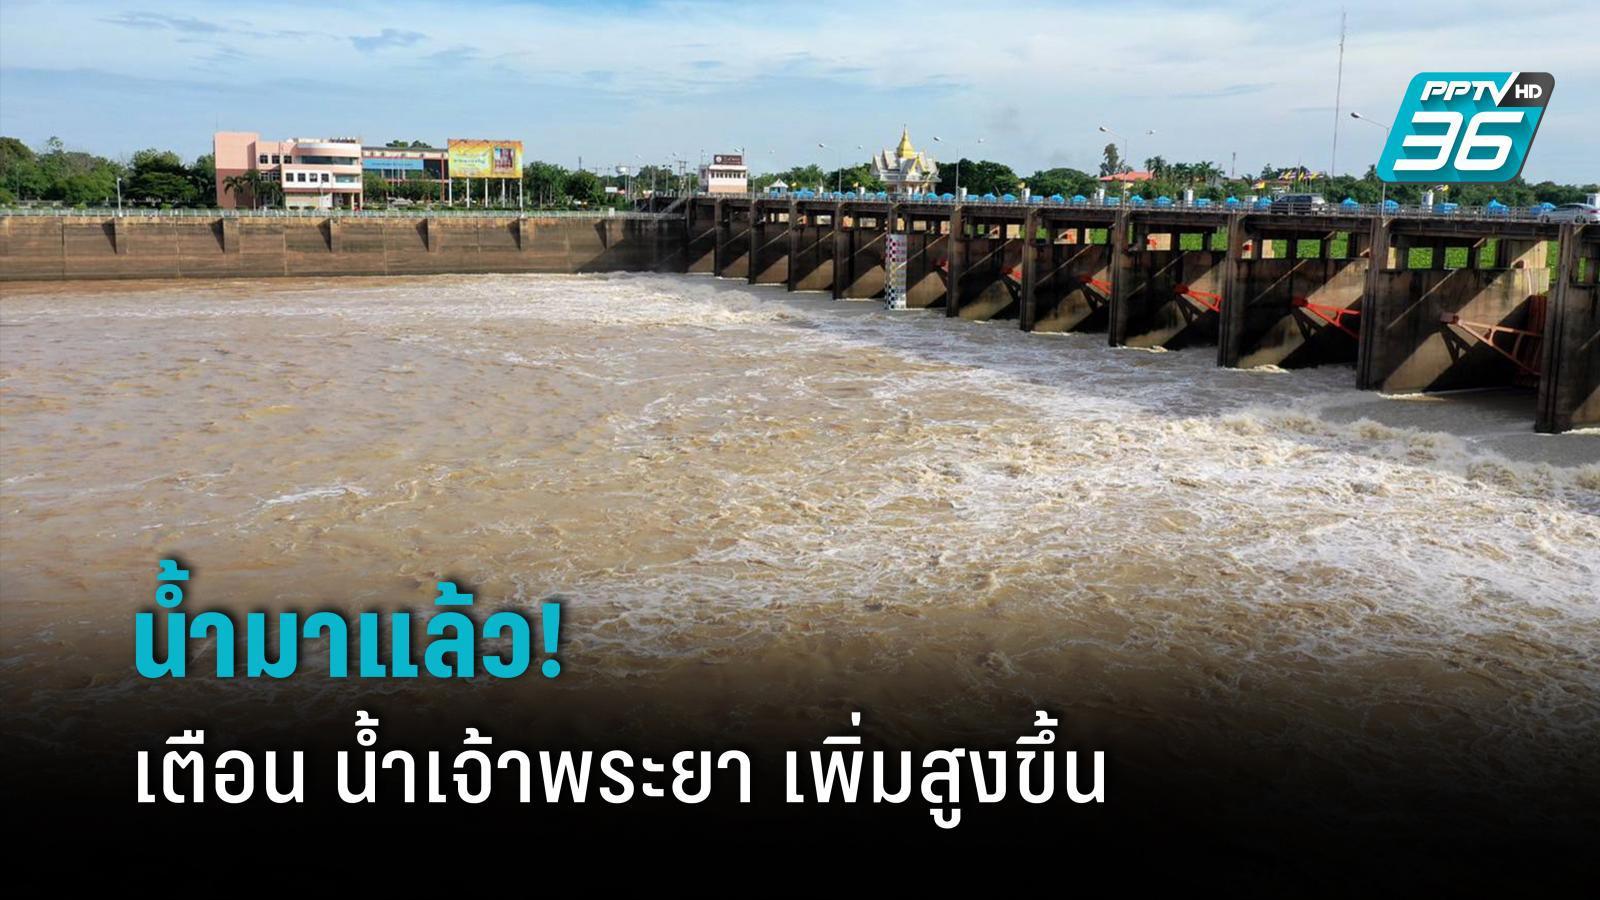 กรมชลประทาน เตือน แม่น้ำเจ้าพระยา ปริมาณน้ำเพิ่มสูง หลังฝนถล่มหนักหลายวัน